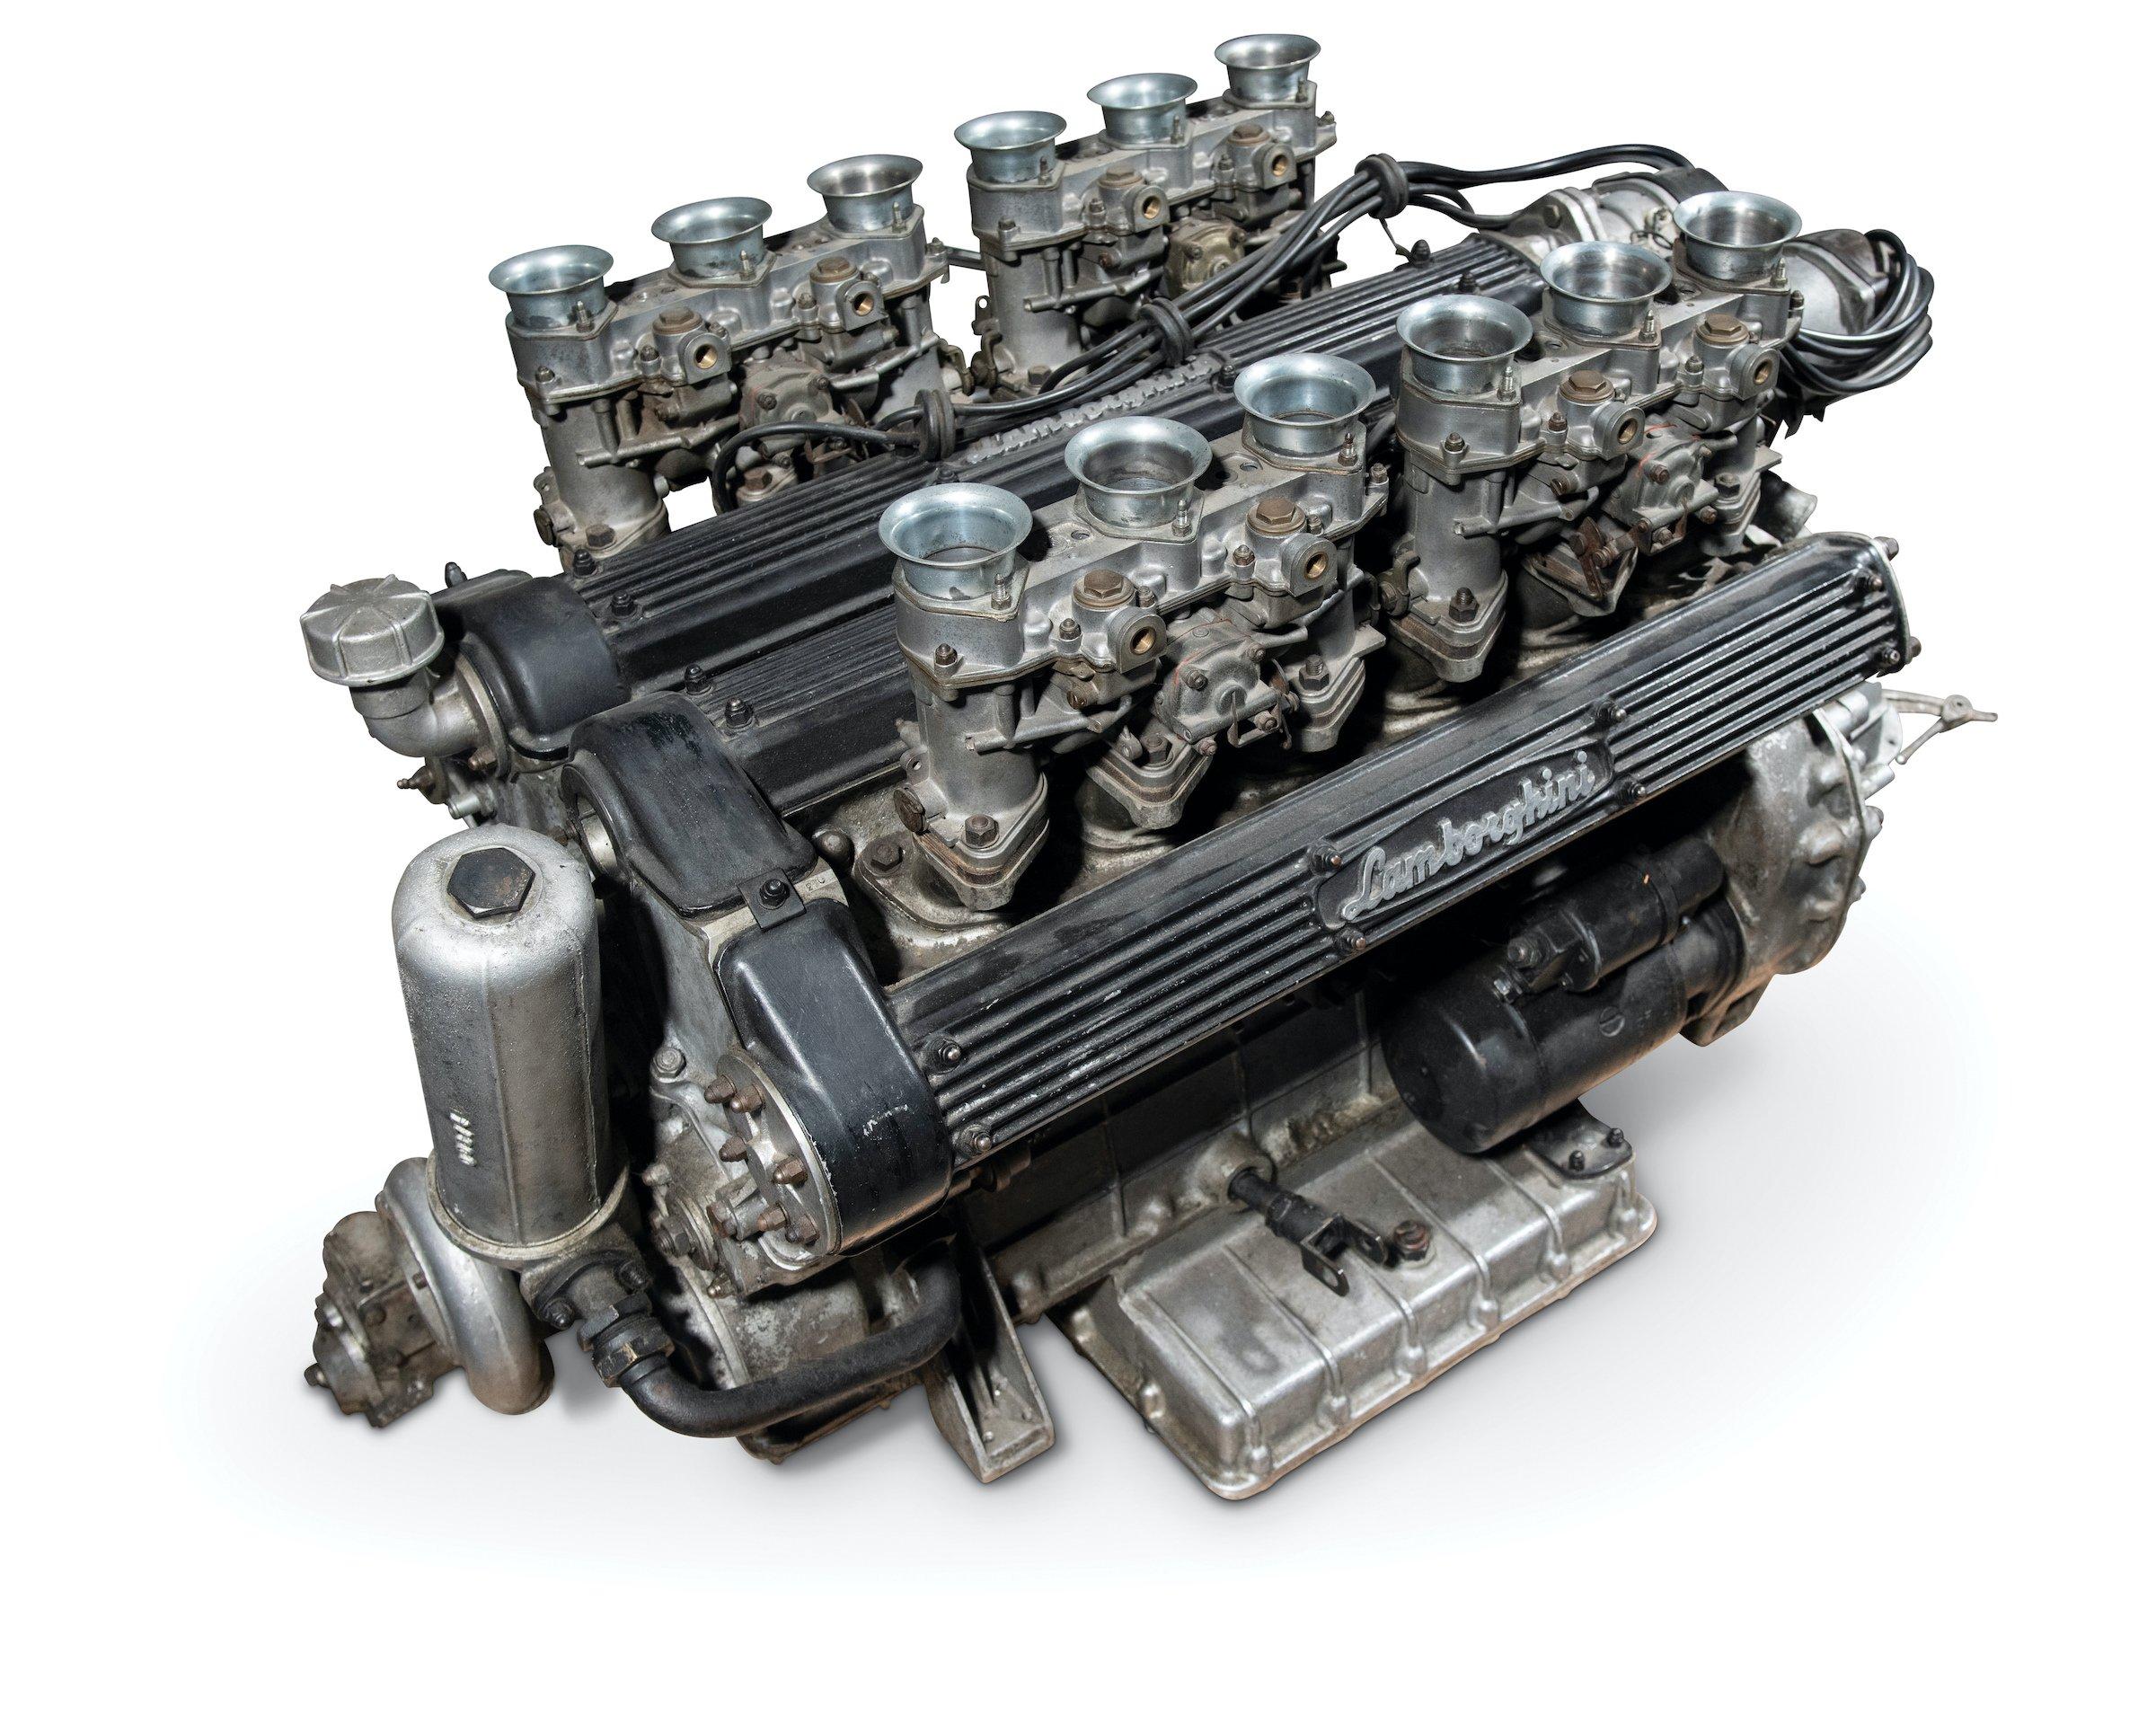 Lamborghini Miura P400 Engine